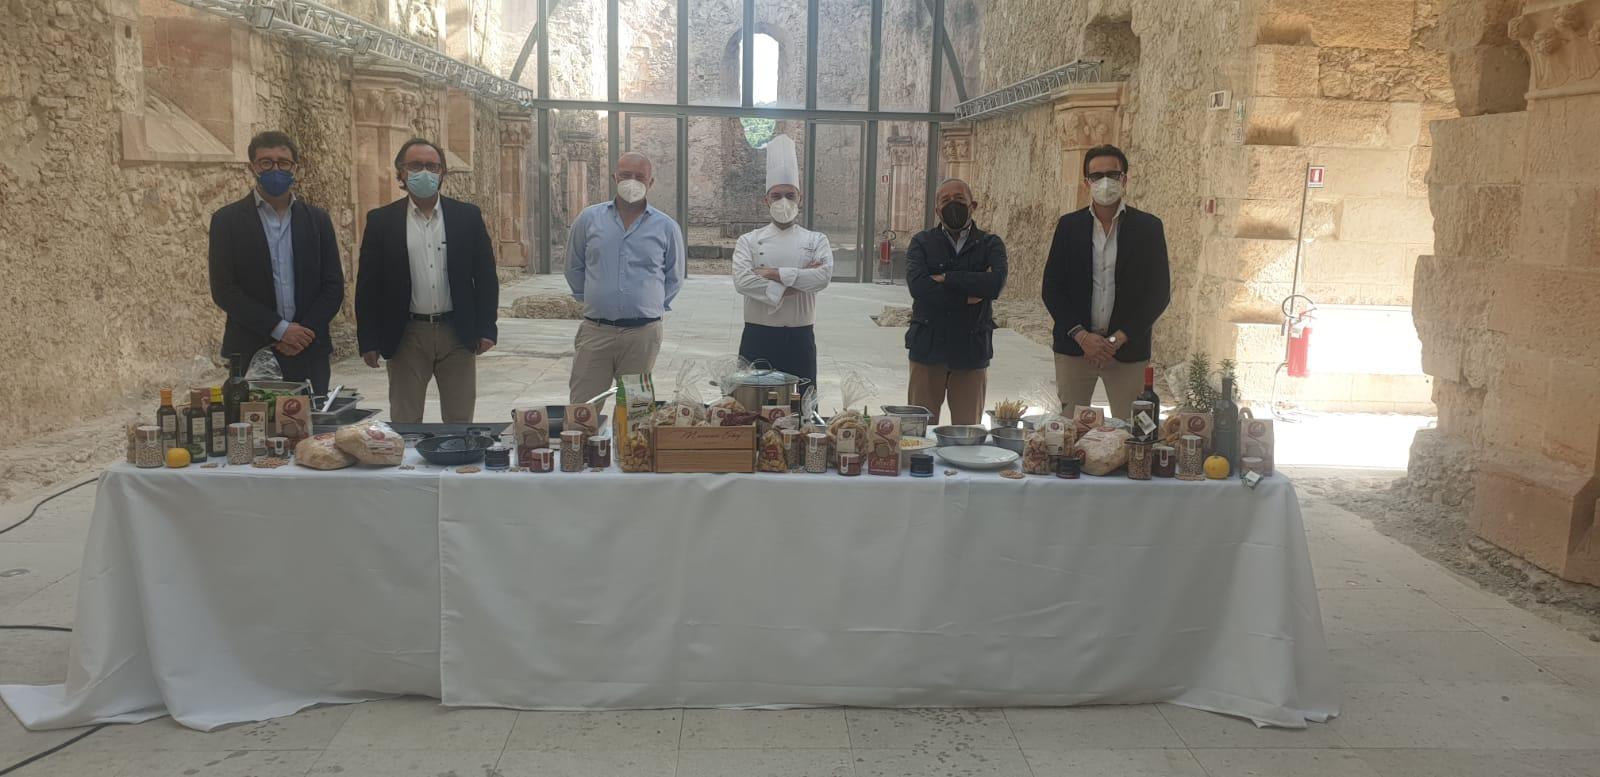 WineArt Festival, al Castello di Cosenza protagonisti produttori, vino e cultura